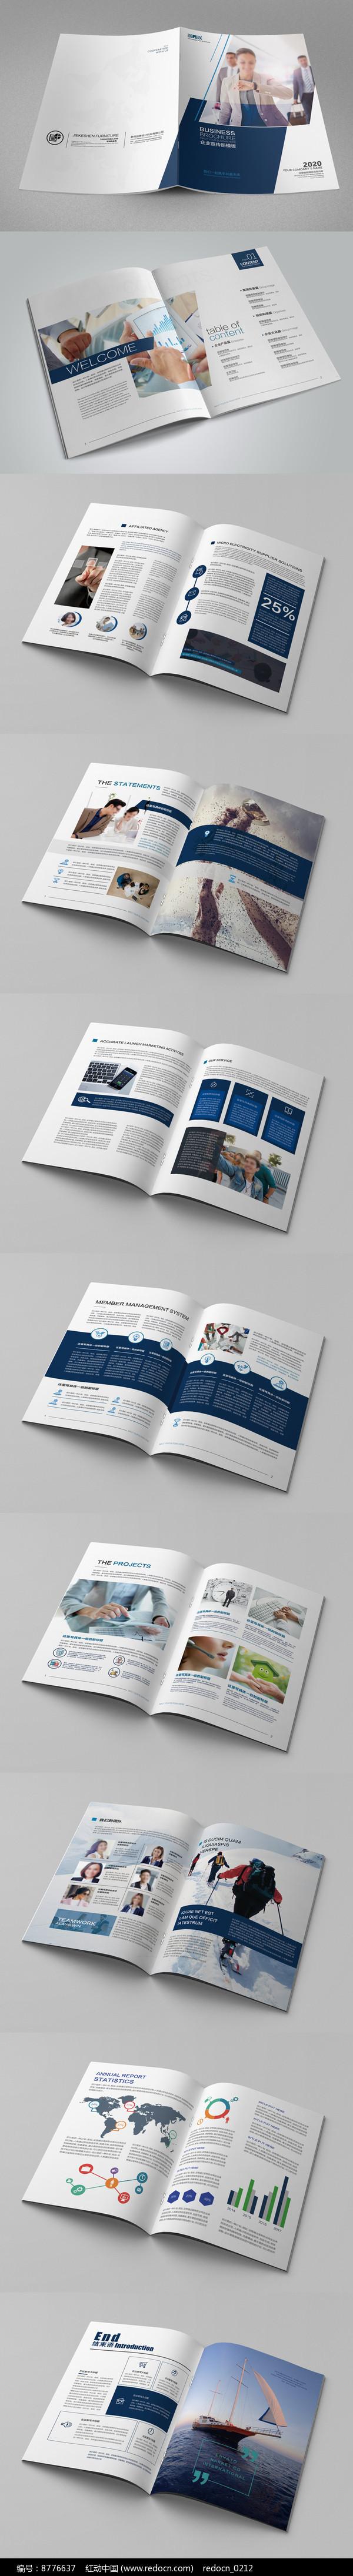 简洁企业公司宣传画册版式设计图片